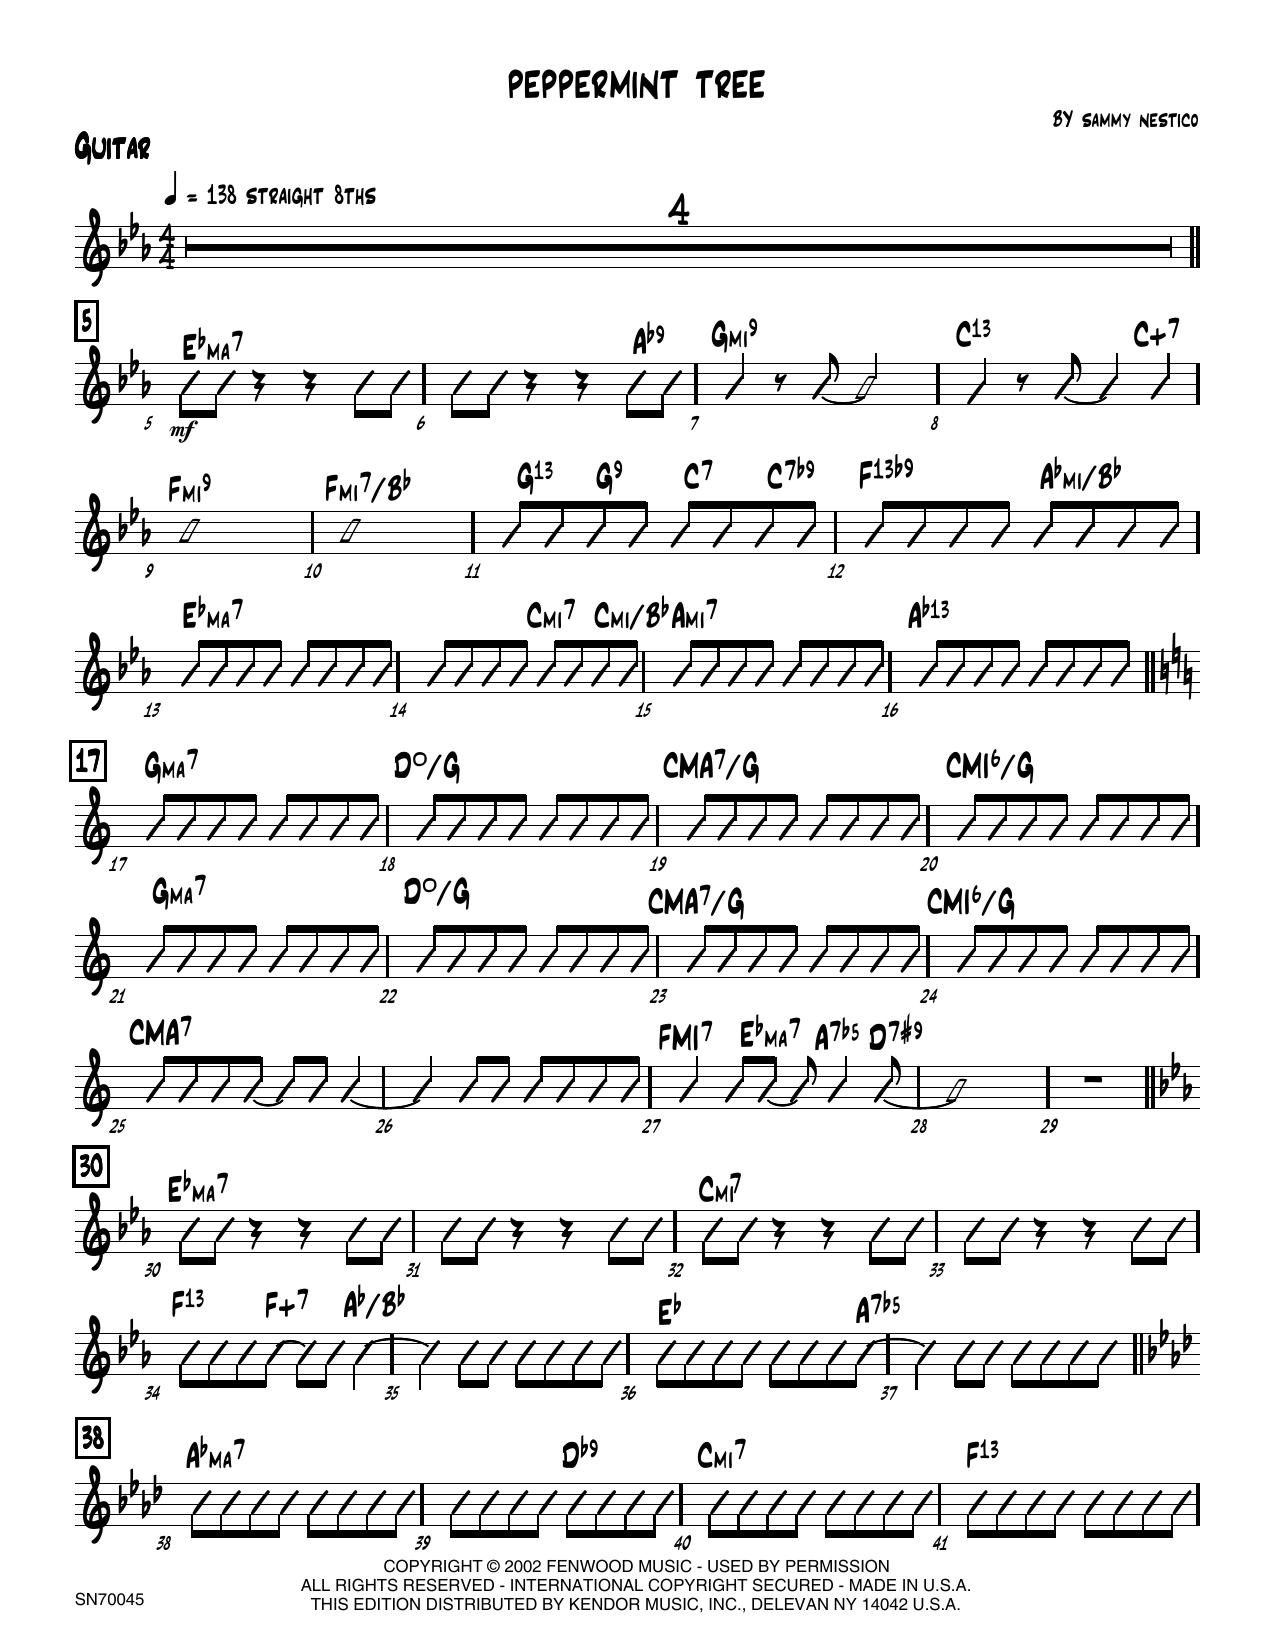 Peppermint Tree - Guitar Sheet Music